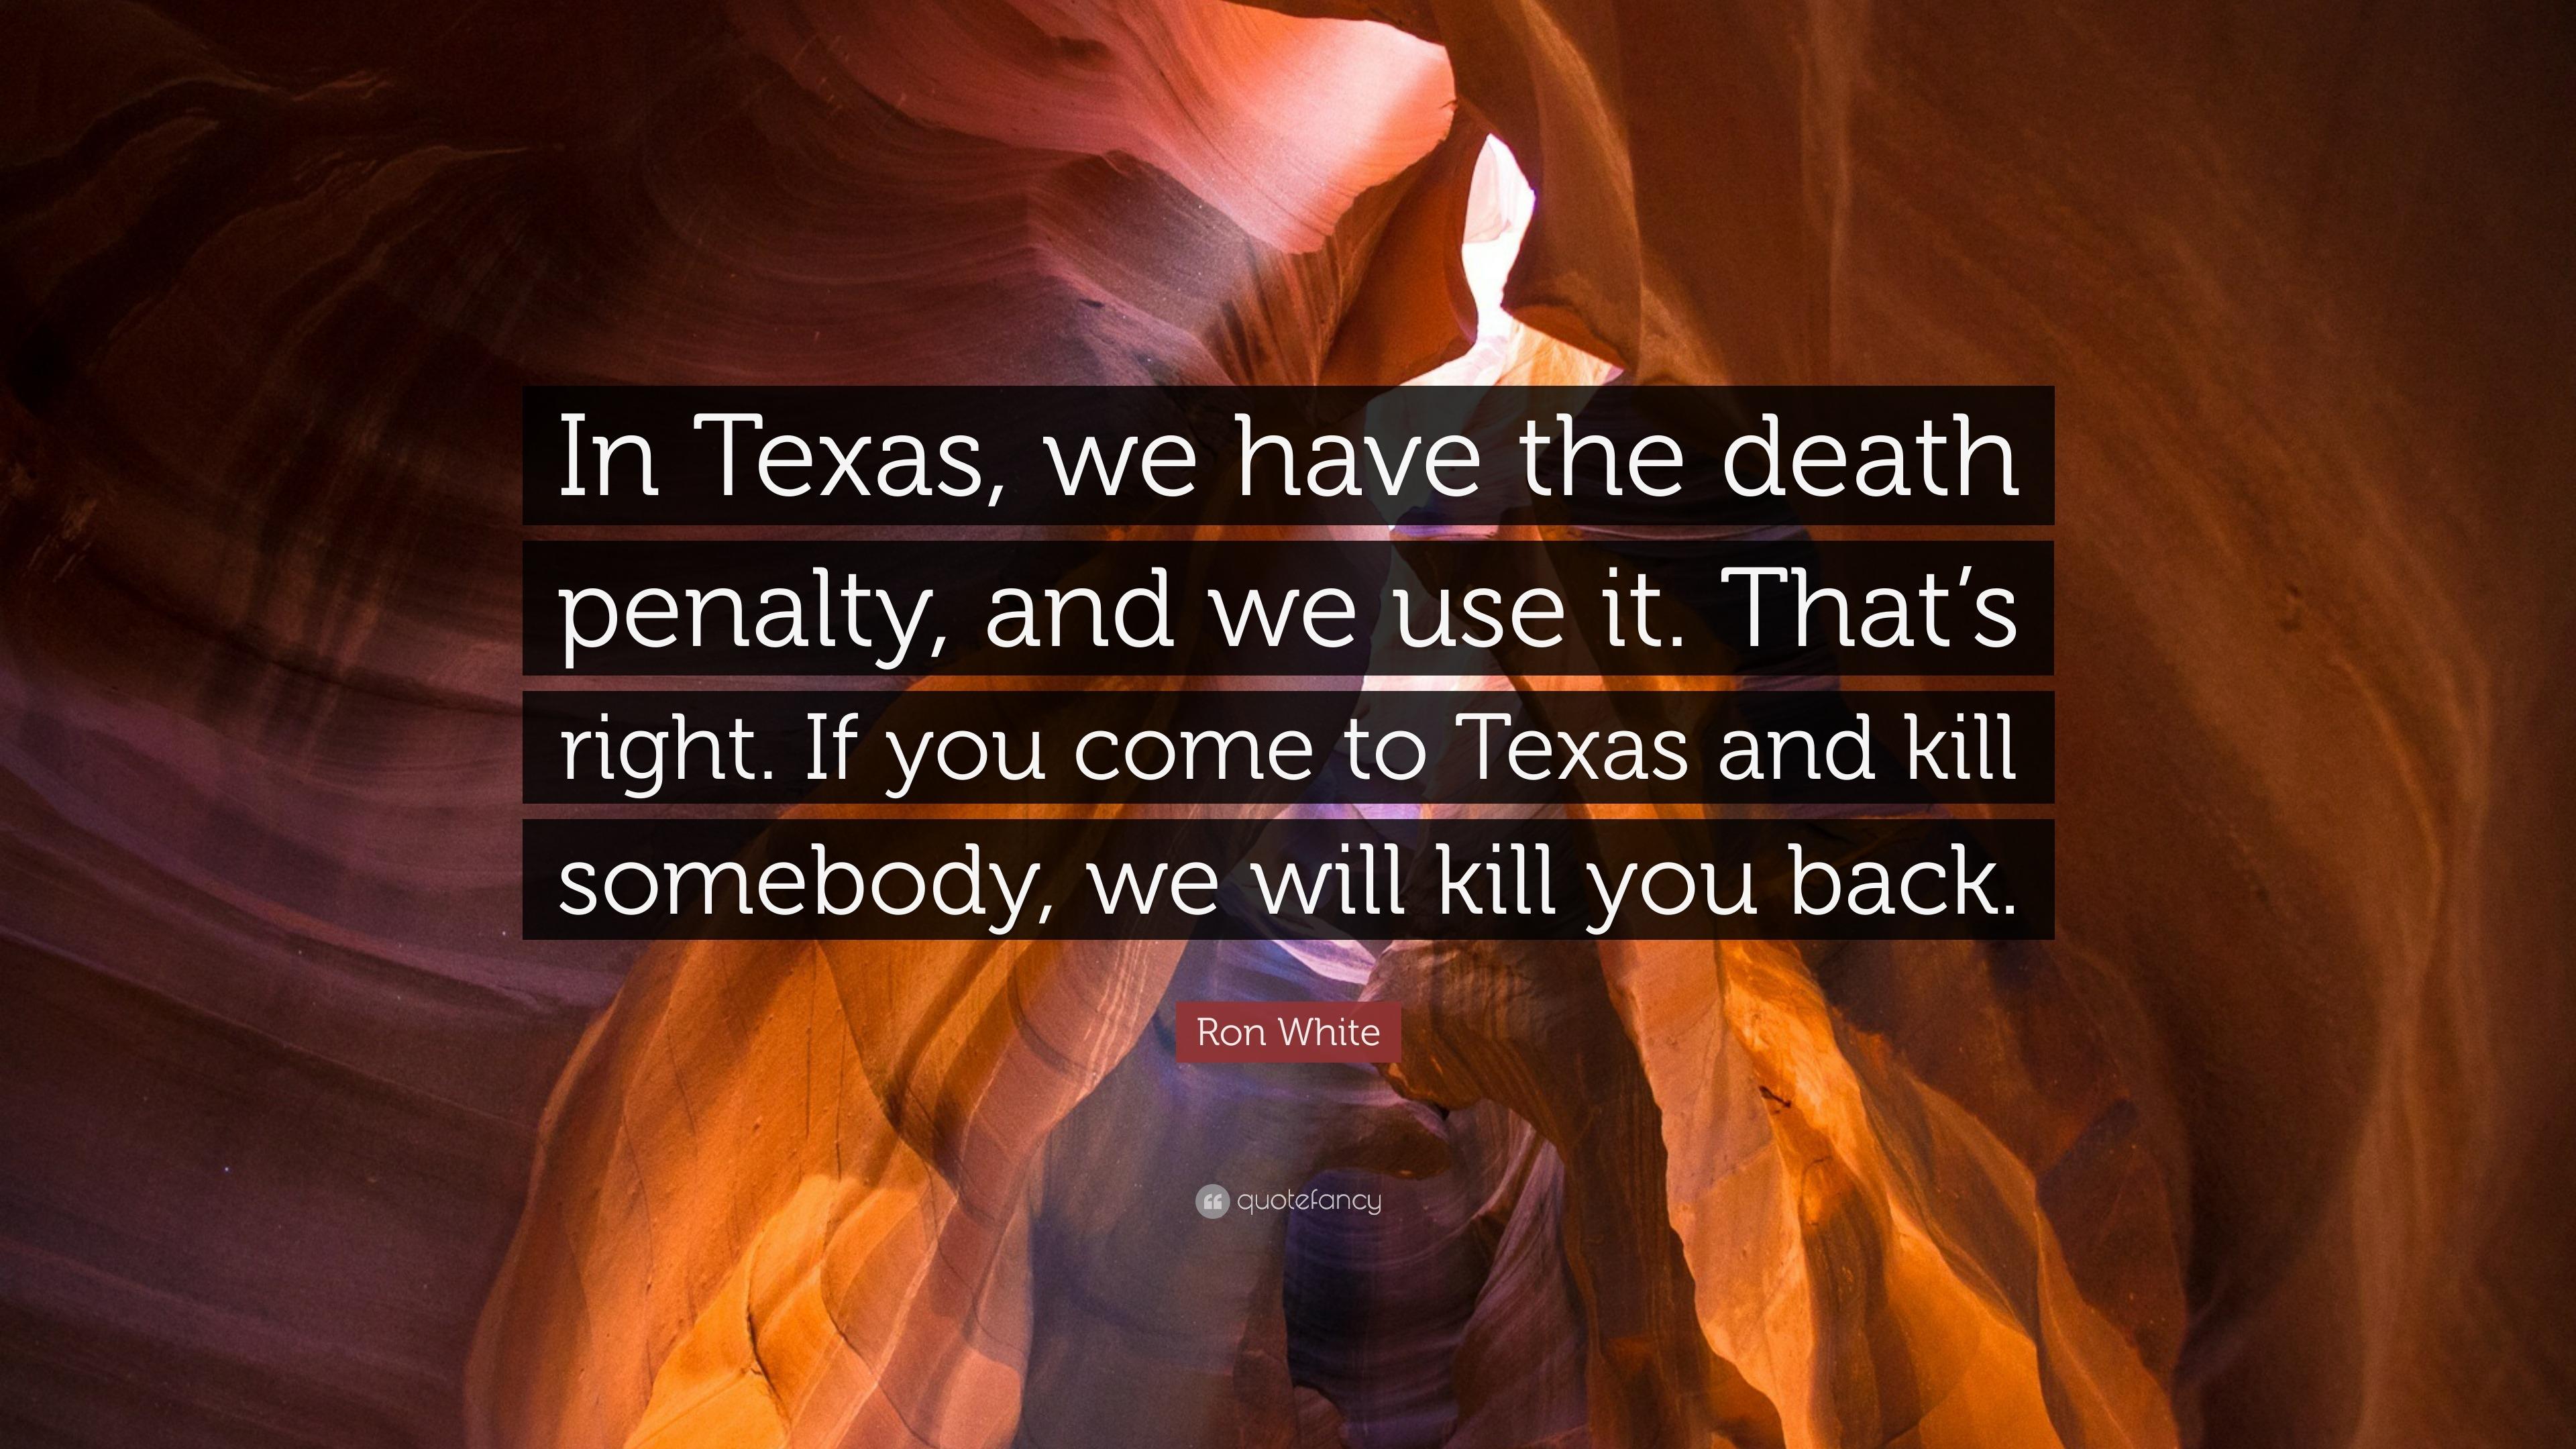 Capital punishment in Texas